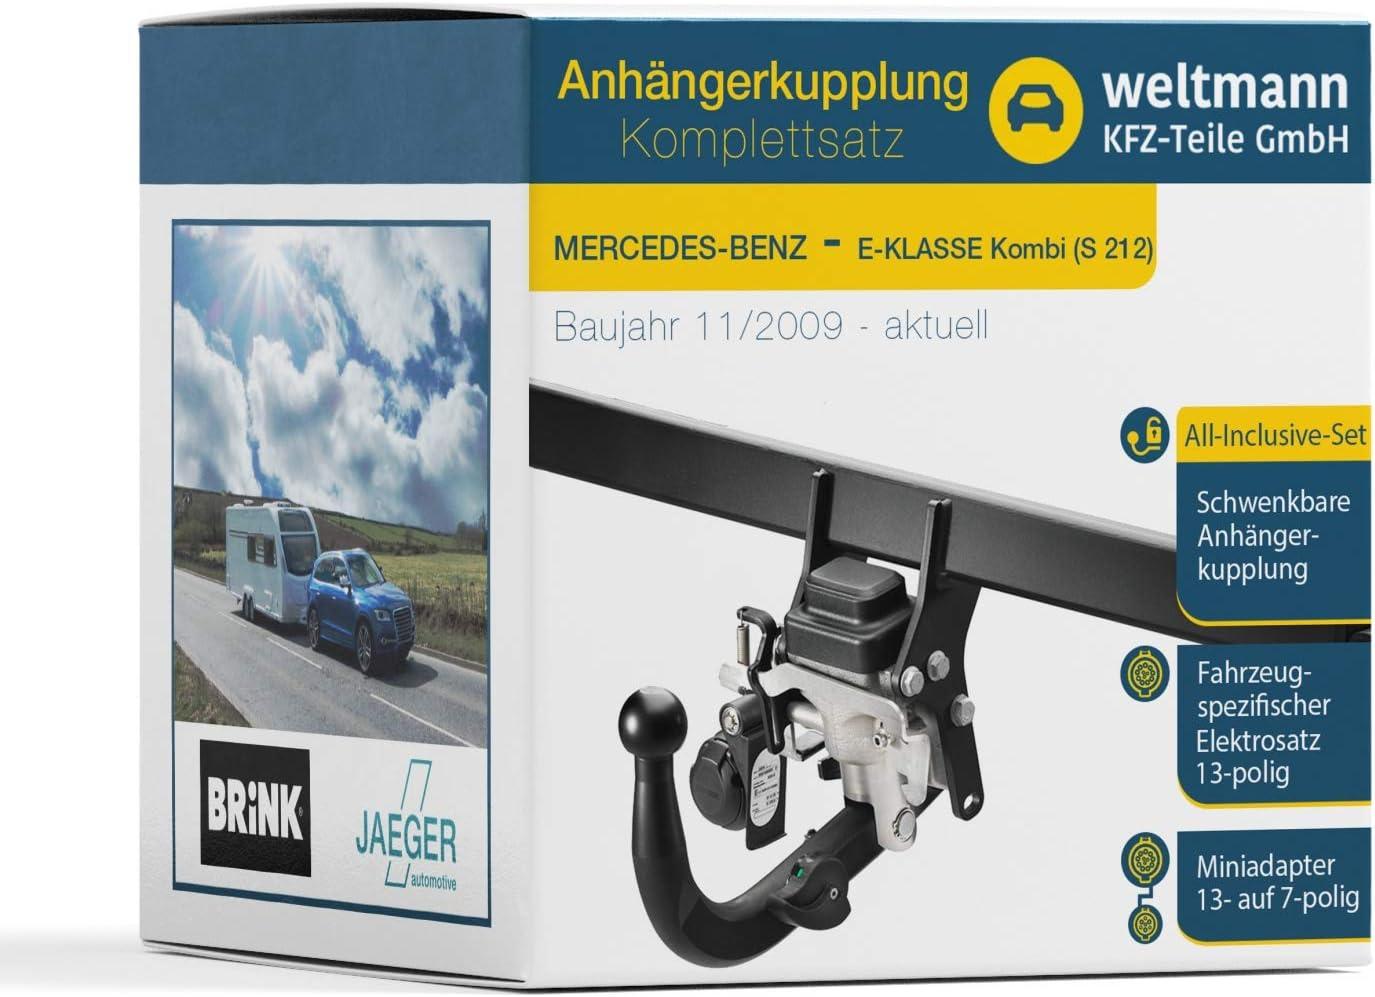 Weltmann 7D500424 - Enganche de remolque giratorio + juego eléctrico de 13 polos AHK para Mercedes Benz Clase E Combi S 212